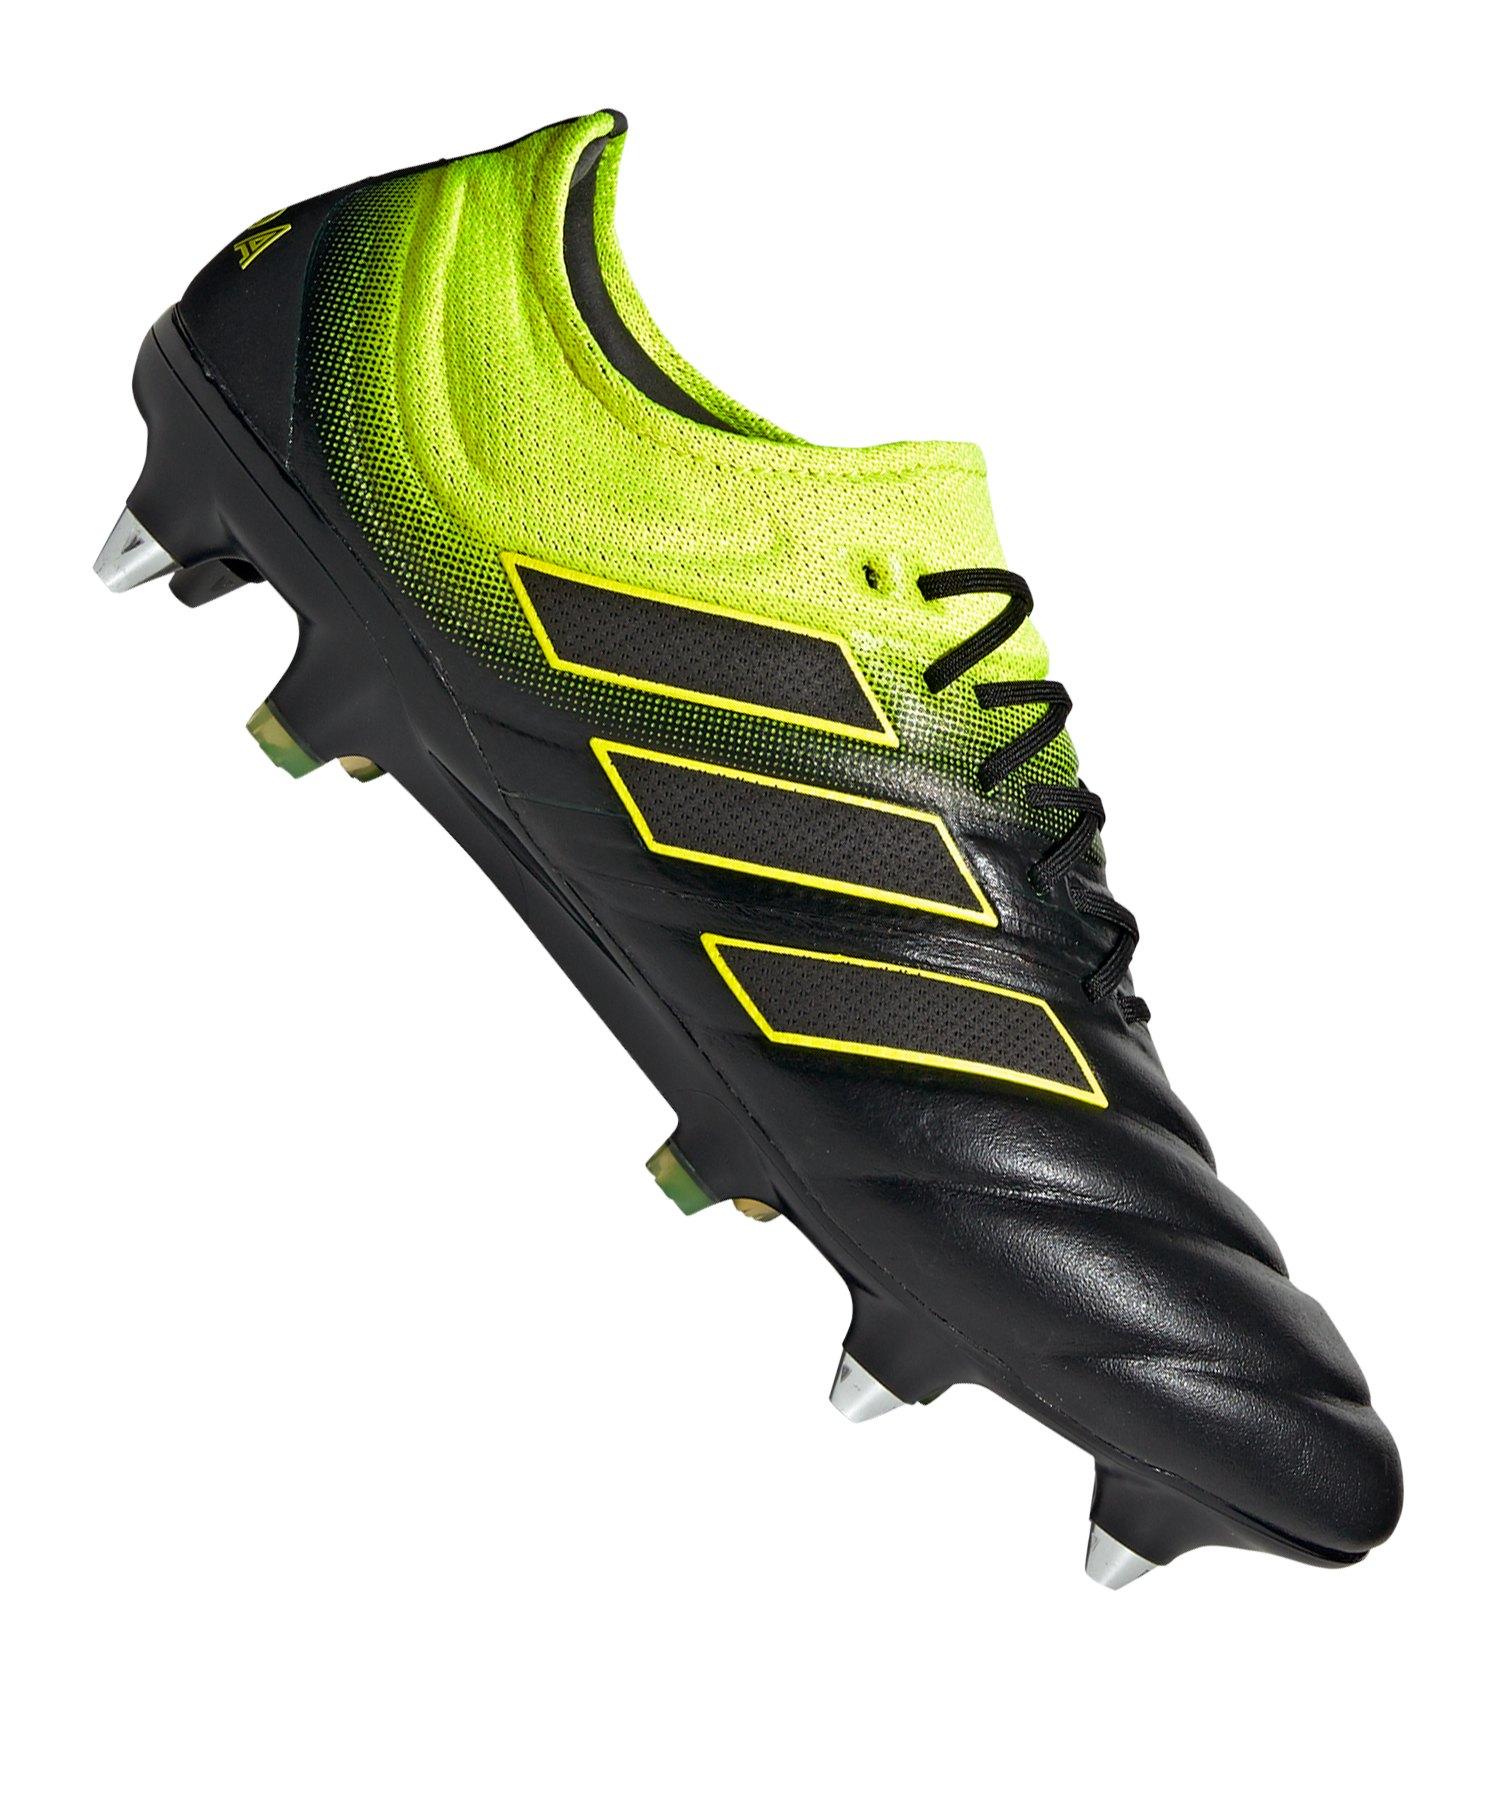 adidas COPA 19.1 SG Schwarz Gelb - schwarz